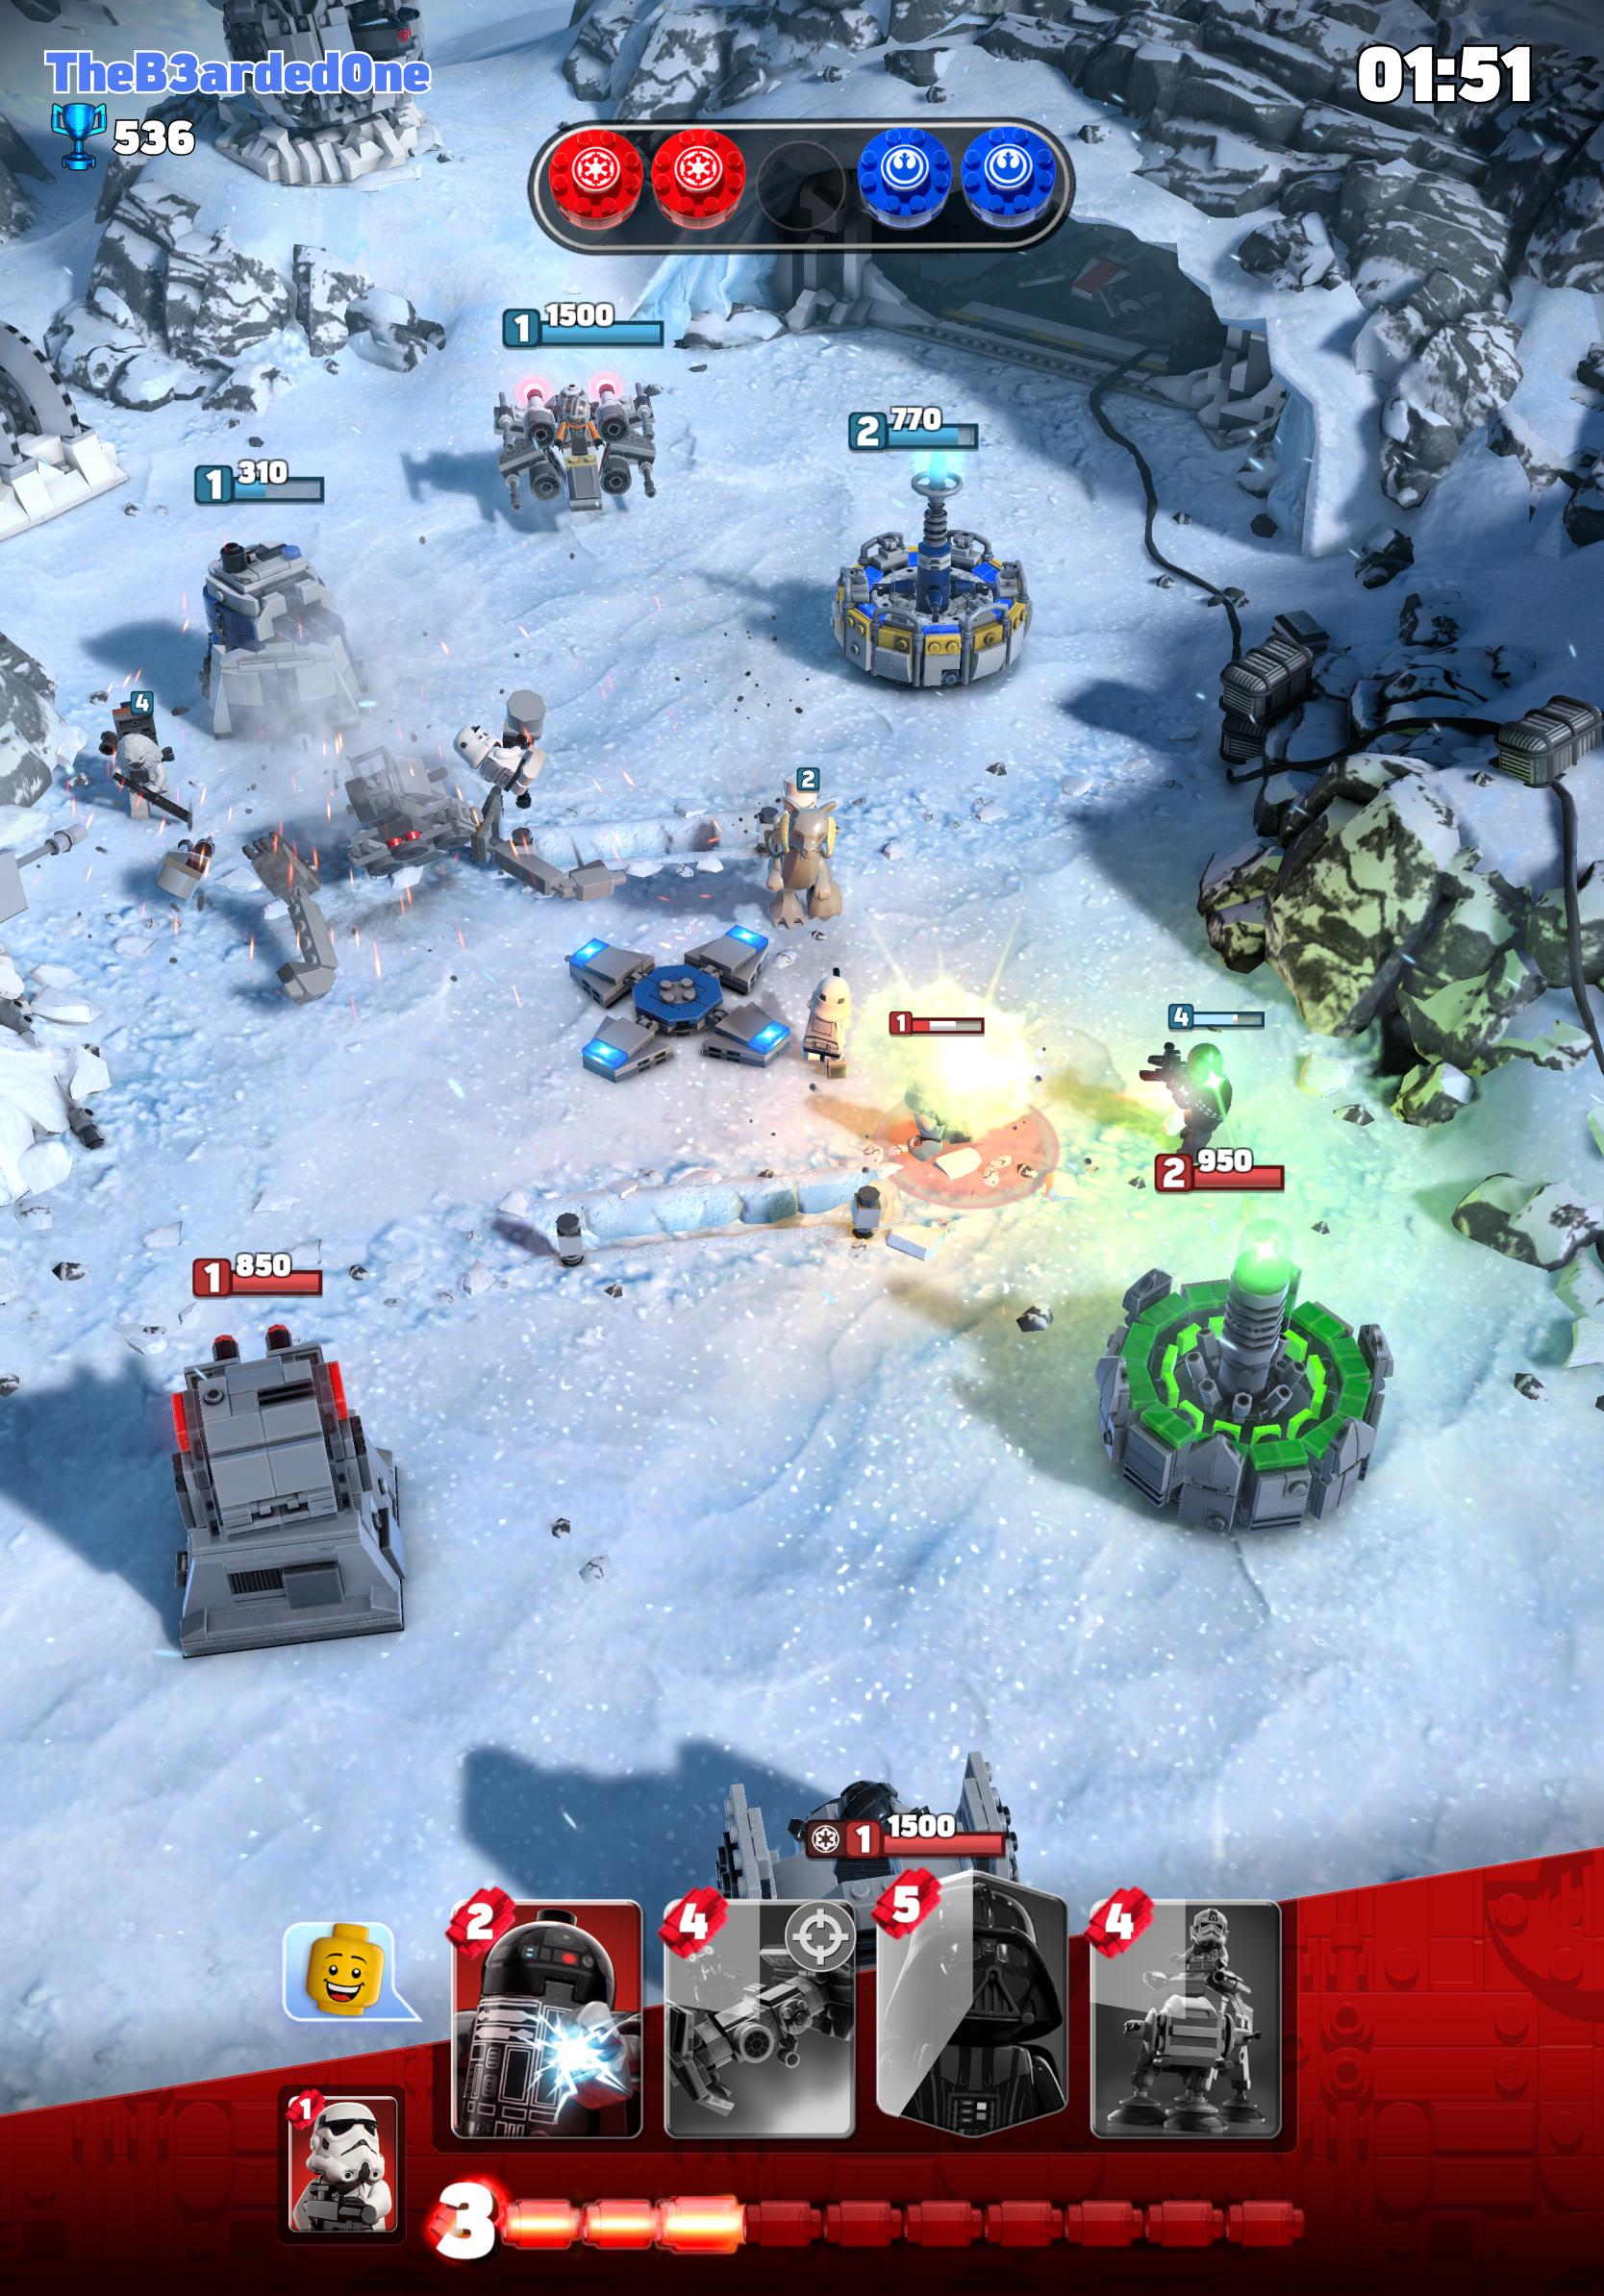 lego star wars battles, lego